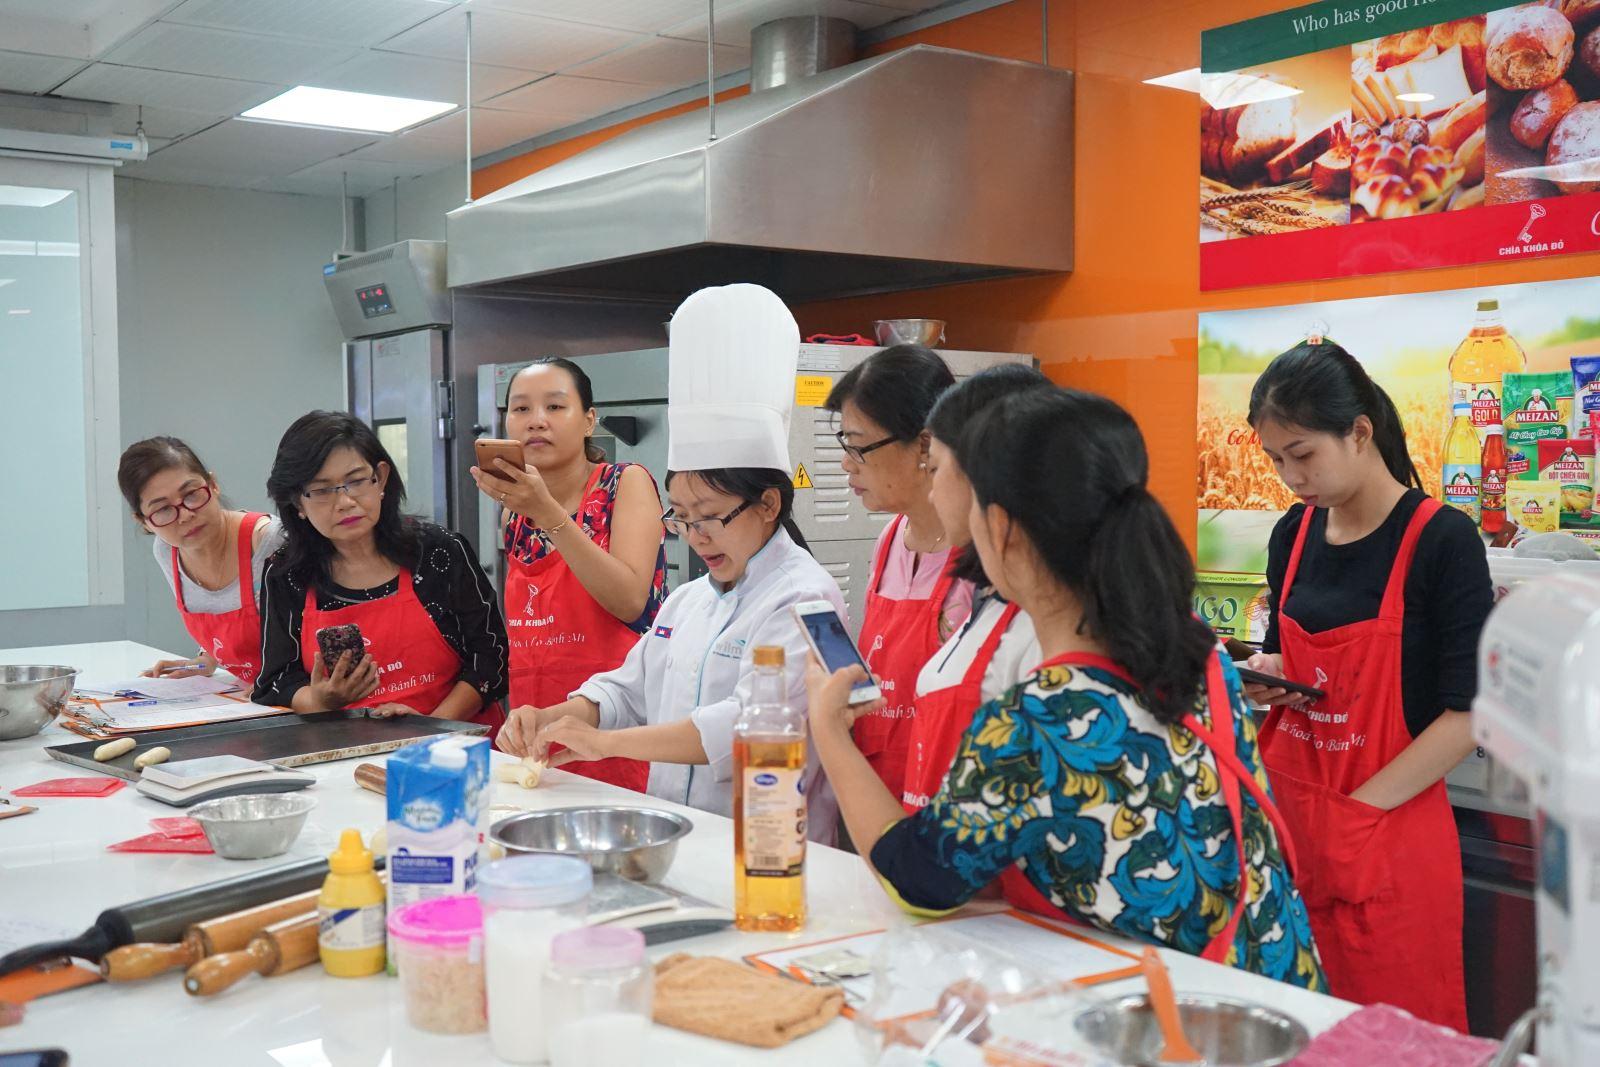 lớp học làm bánh bánh mì chà bông